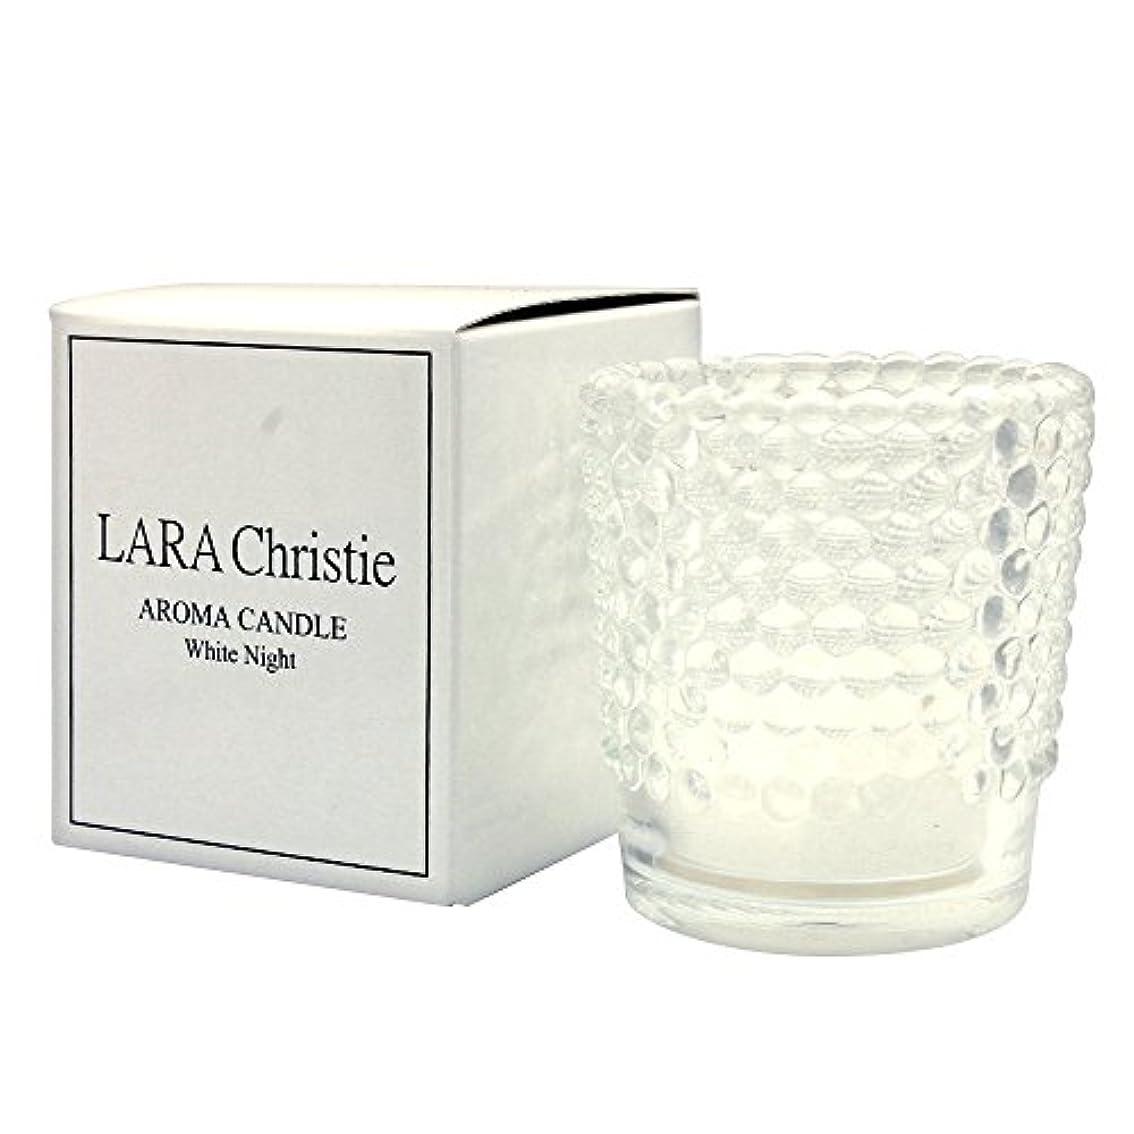 チャンバーカテナサーキットに行く[ララクリスティー] LARA Christie ホワイトナイト アロマキャンドル [ WHITE Label ] a0011-w